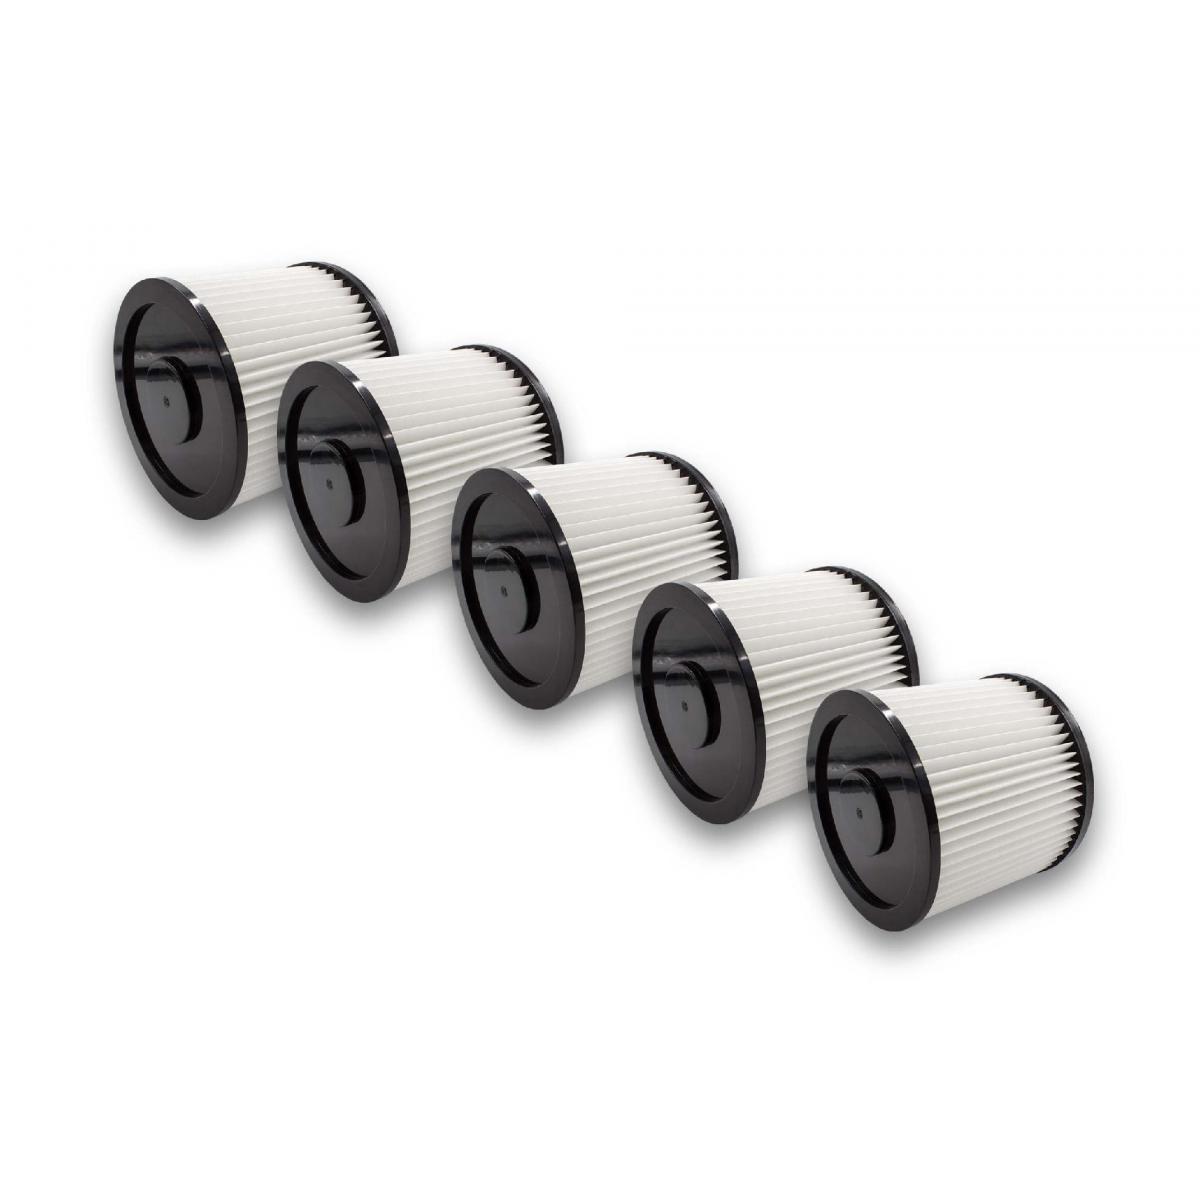 Vhbw vhbw 5x filtre rond pour aspirateur multifonction compatible avec Herkules Auqa Steel 40, Aqua Steel 50, Herkules 3000,